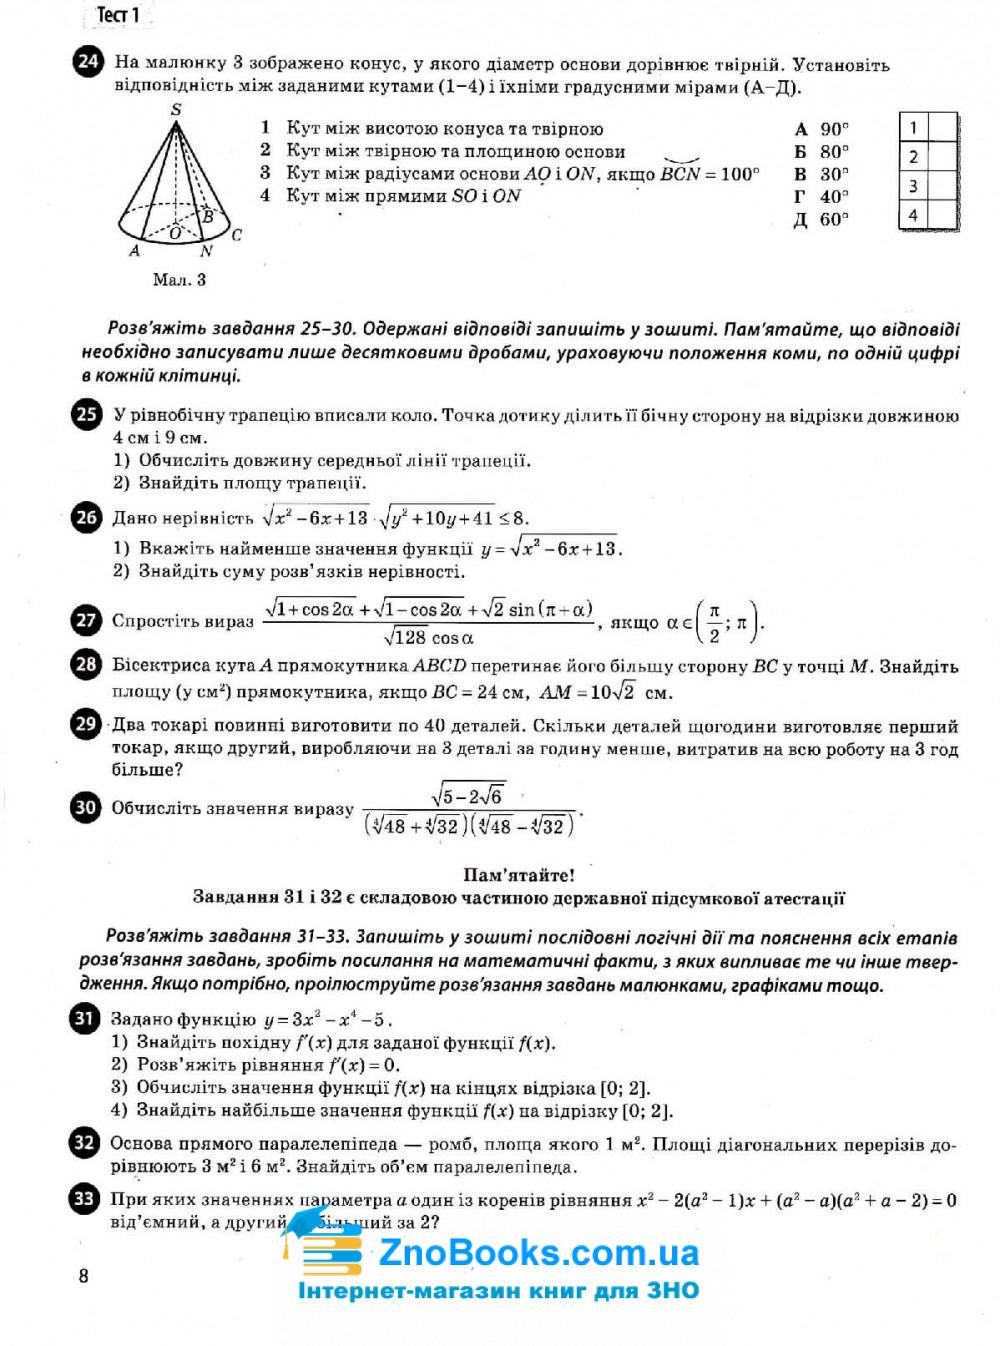 Бевз В. Математика . Тестові завдання у форматі ЗНО 2021. Освіта купити 8